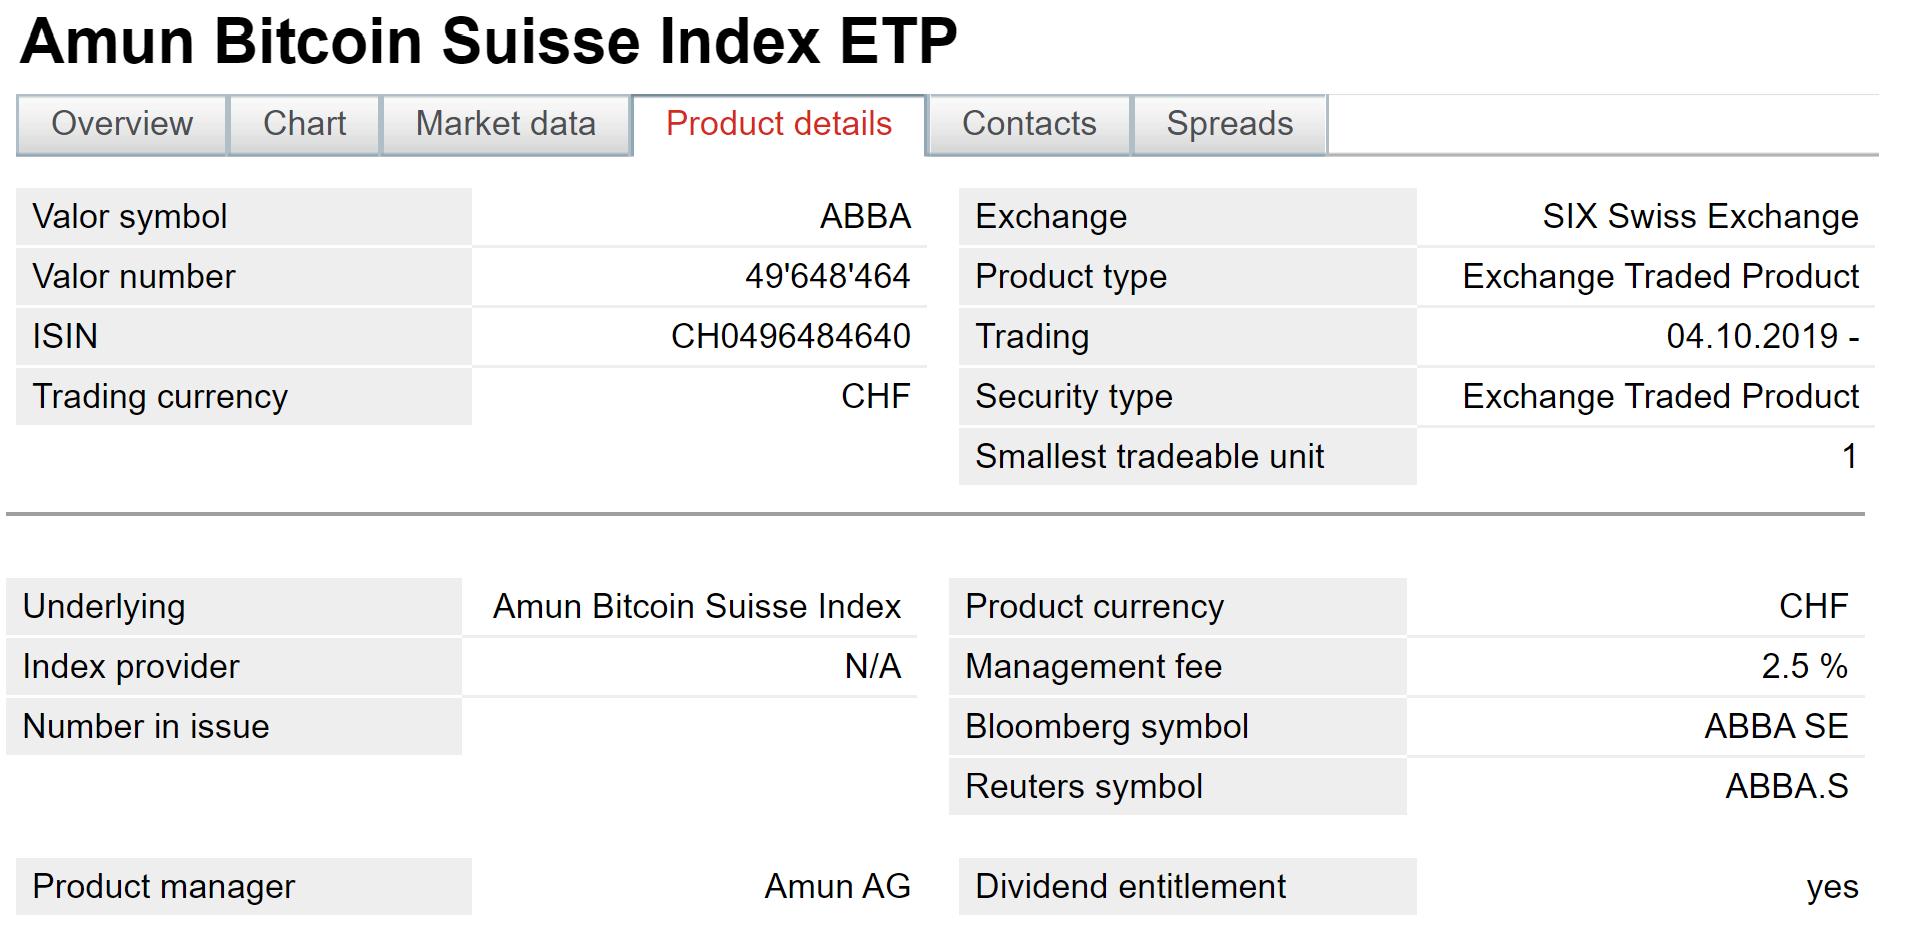 7 Crypto ETPs Now Trading on Main Swiss Stock Exchange